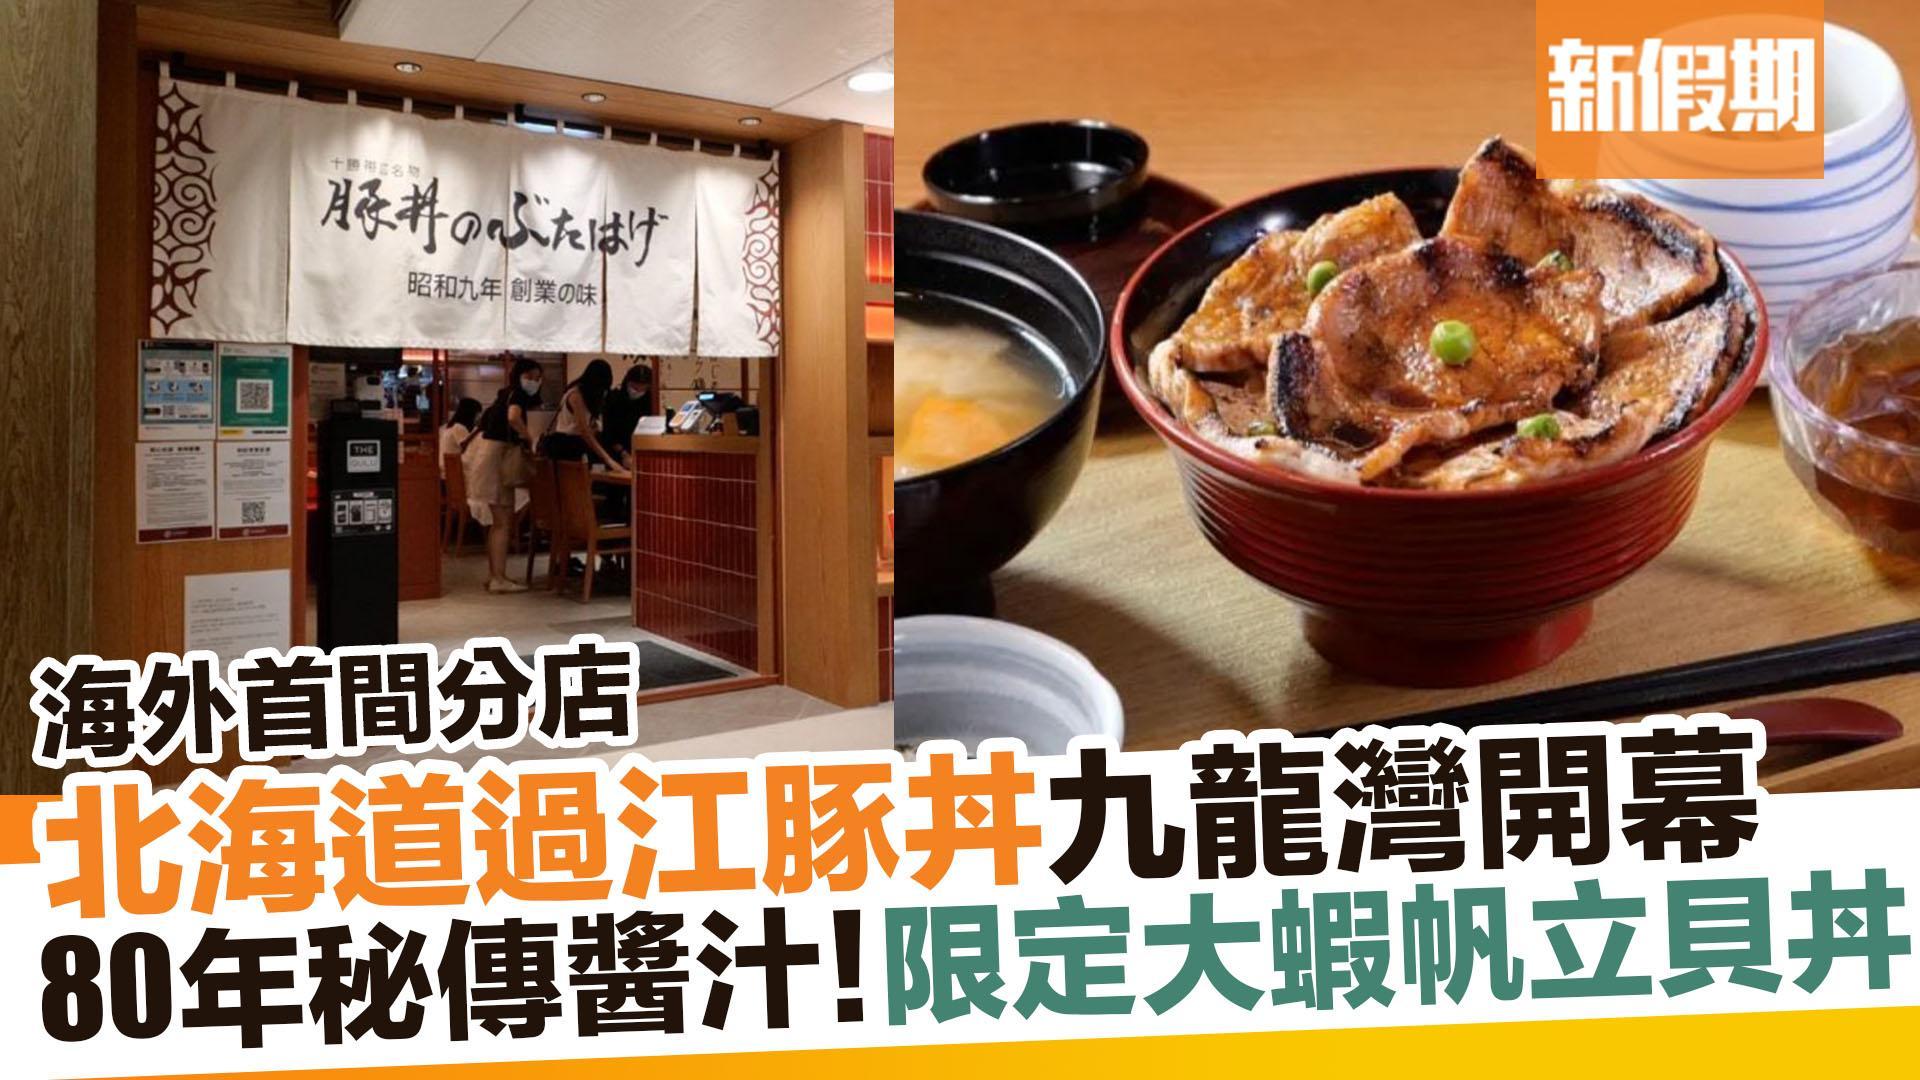 【區區搵食】北海道BUTAHAGE(豚丼本家)豚丼のぶたはげ首間海外店進駐九龍灣!  新假期